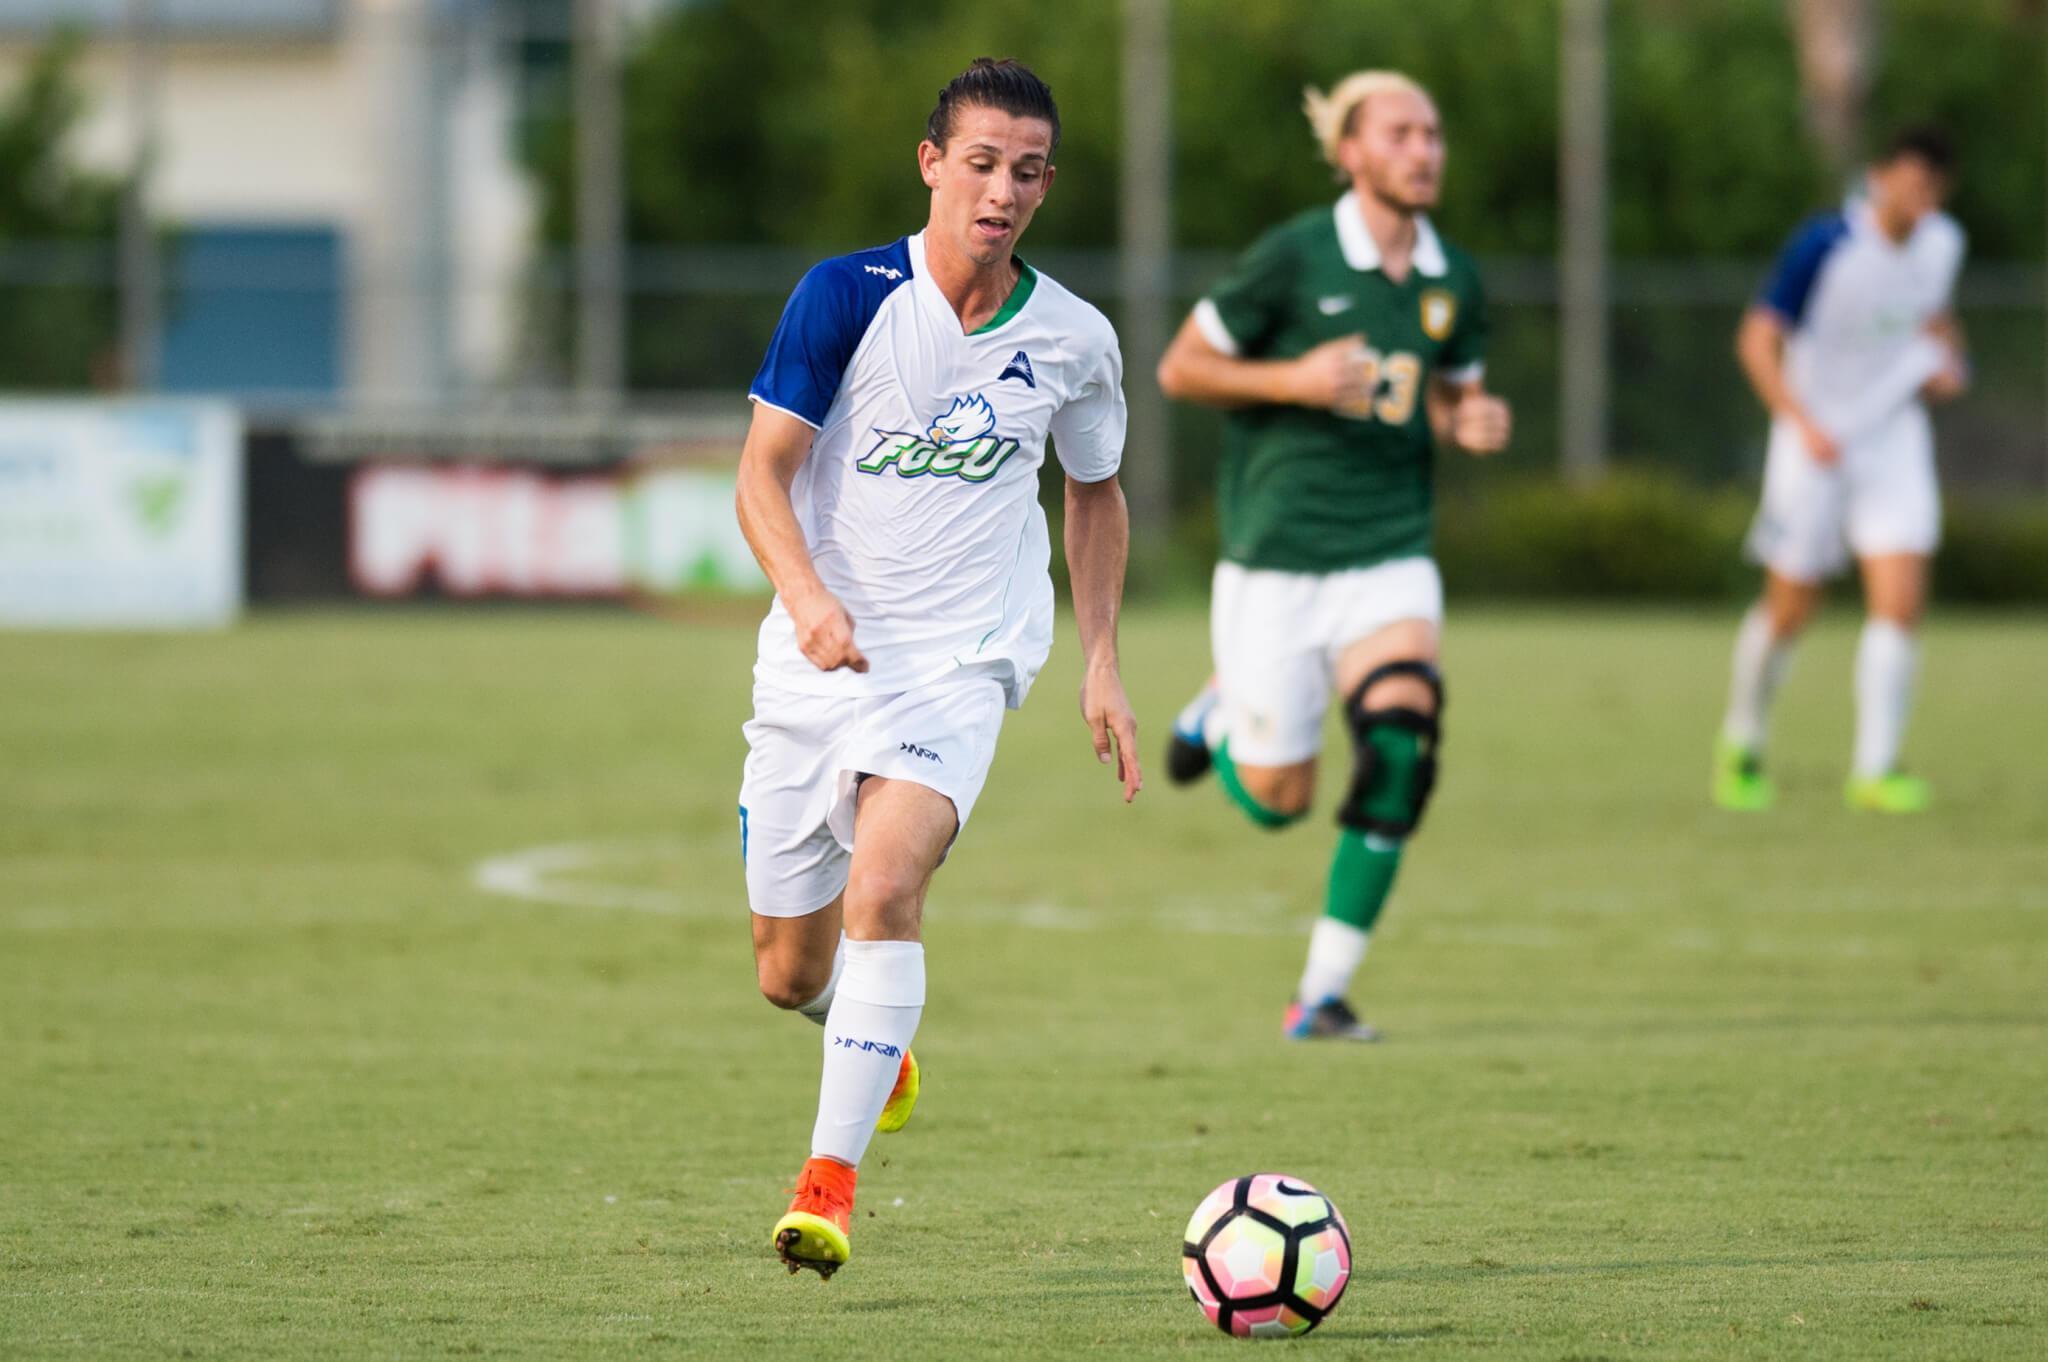 Preview: FGCU men's soccer at UCF